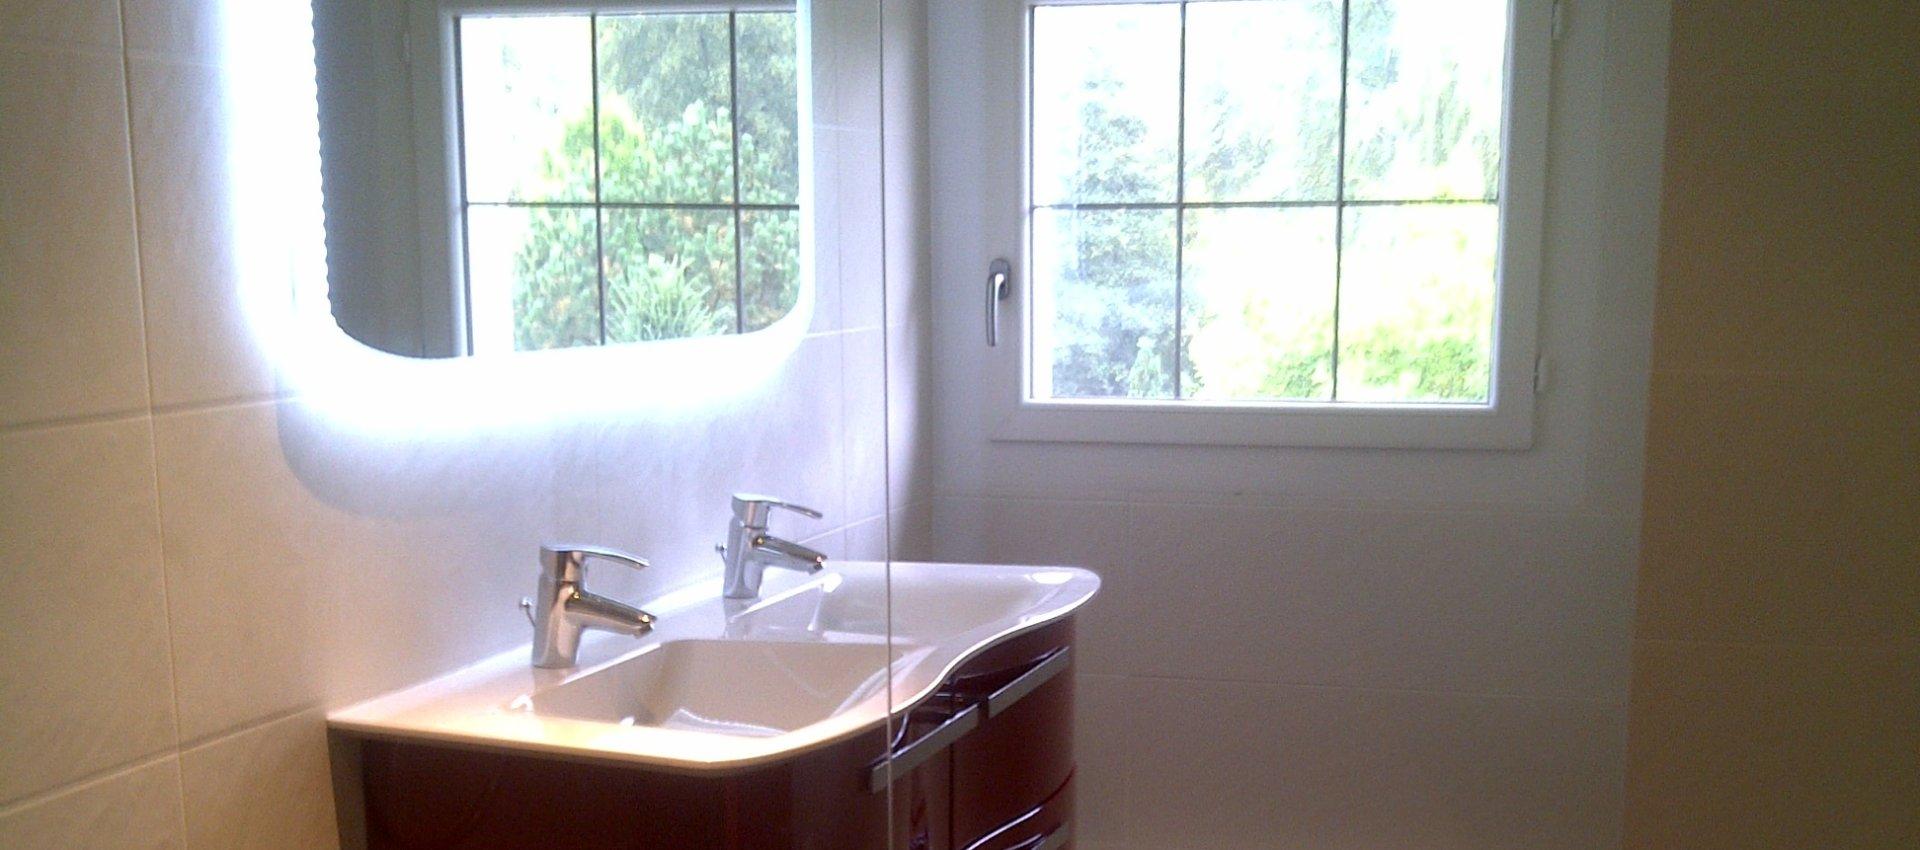 Sanitaire et salle de bain